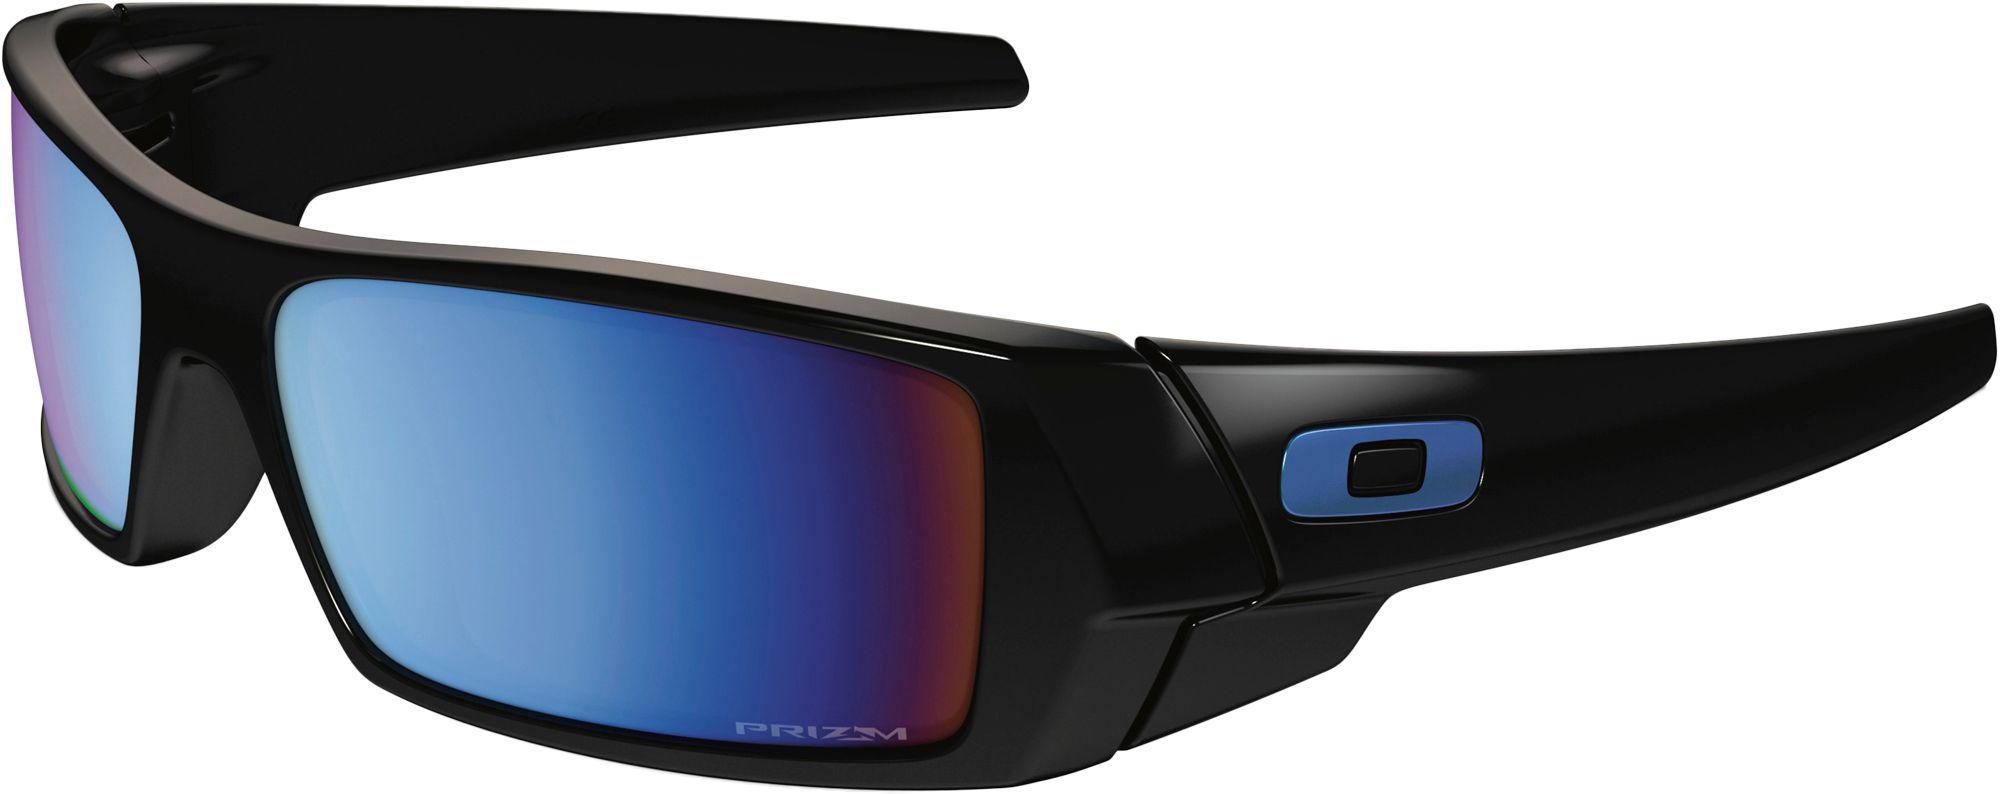 1a9ba1c29ff Lyst - Oakley Gascan Prizm Deep Water Polarized Sunglasses in Black ...